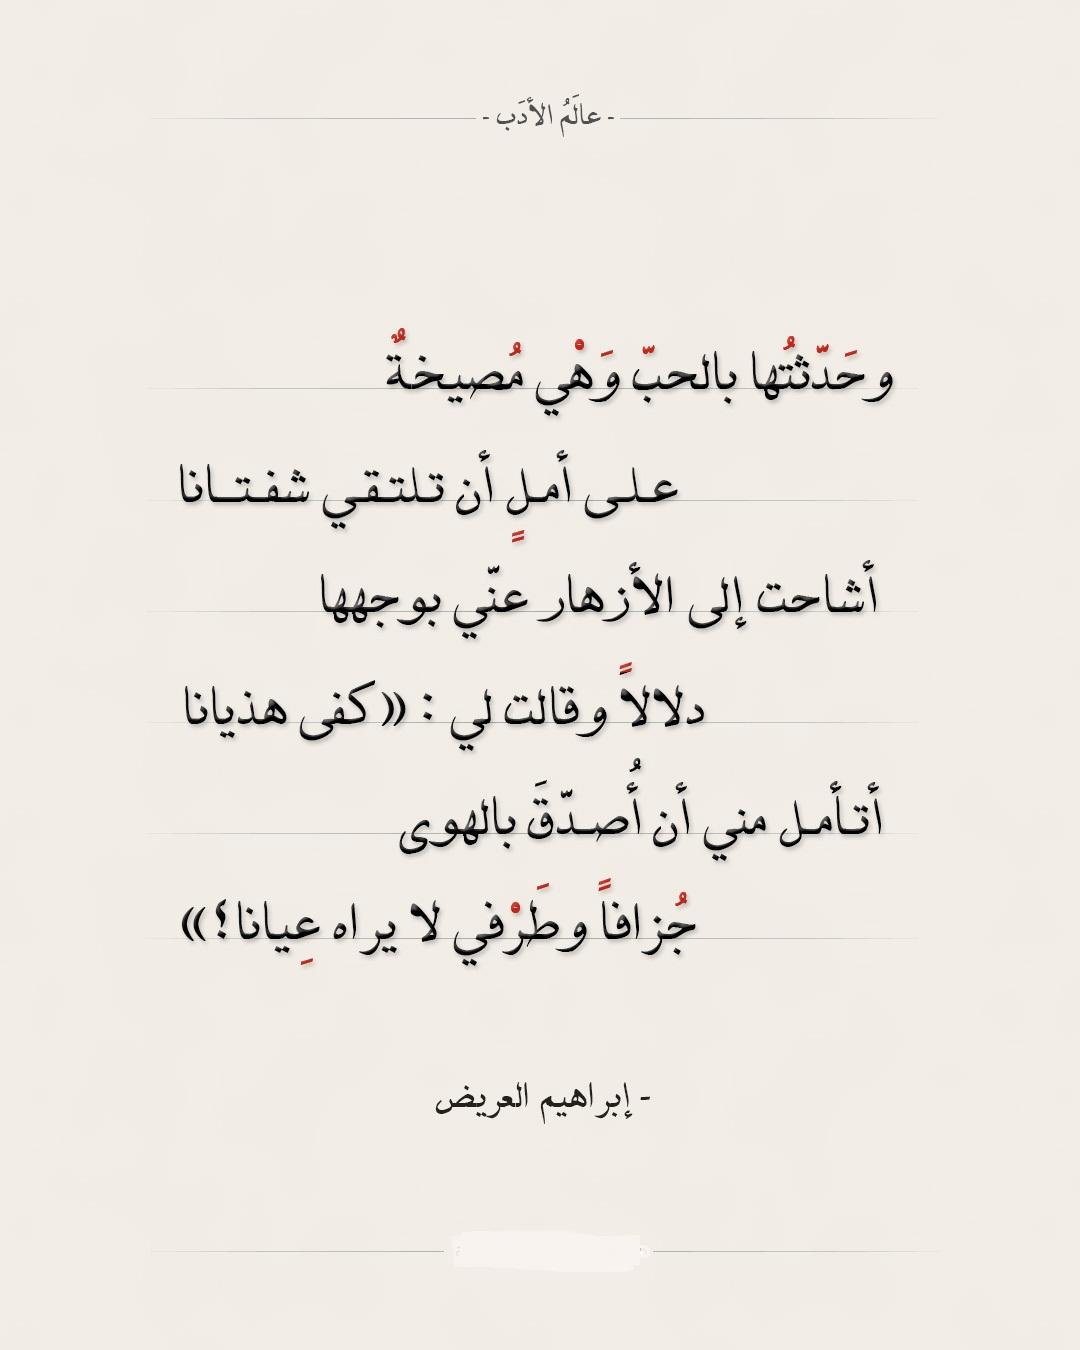 اشعار عشق قوية للشاعر إبراهيم العريض.